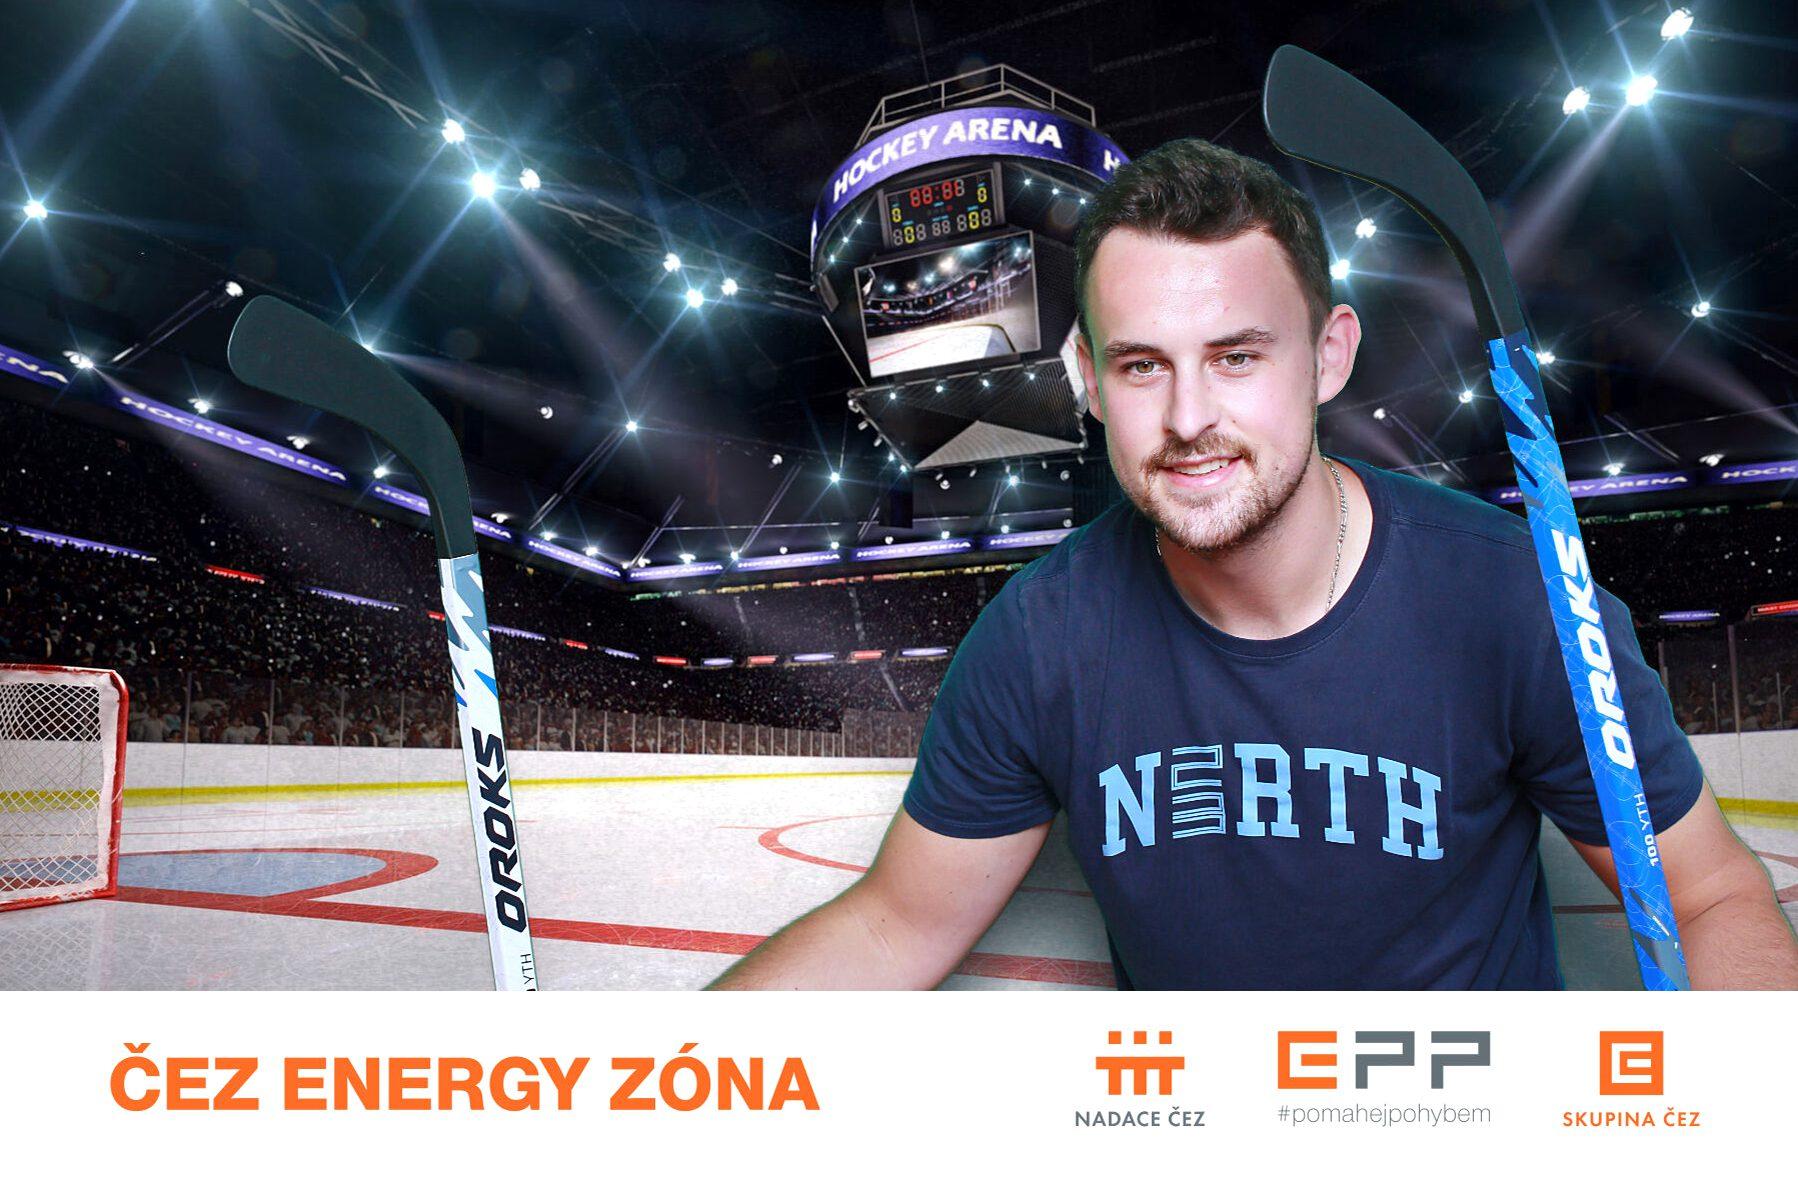 fotokoutek-olympijsky-festival-cez-energy-zona-30-7-2021-739113